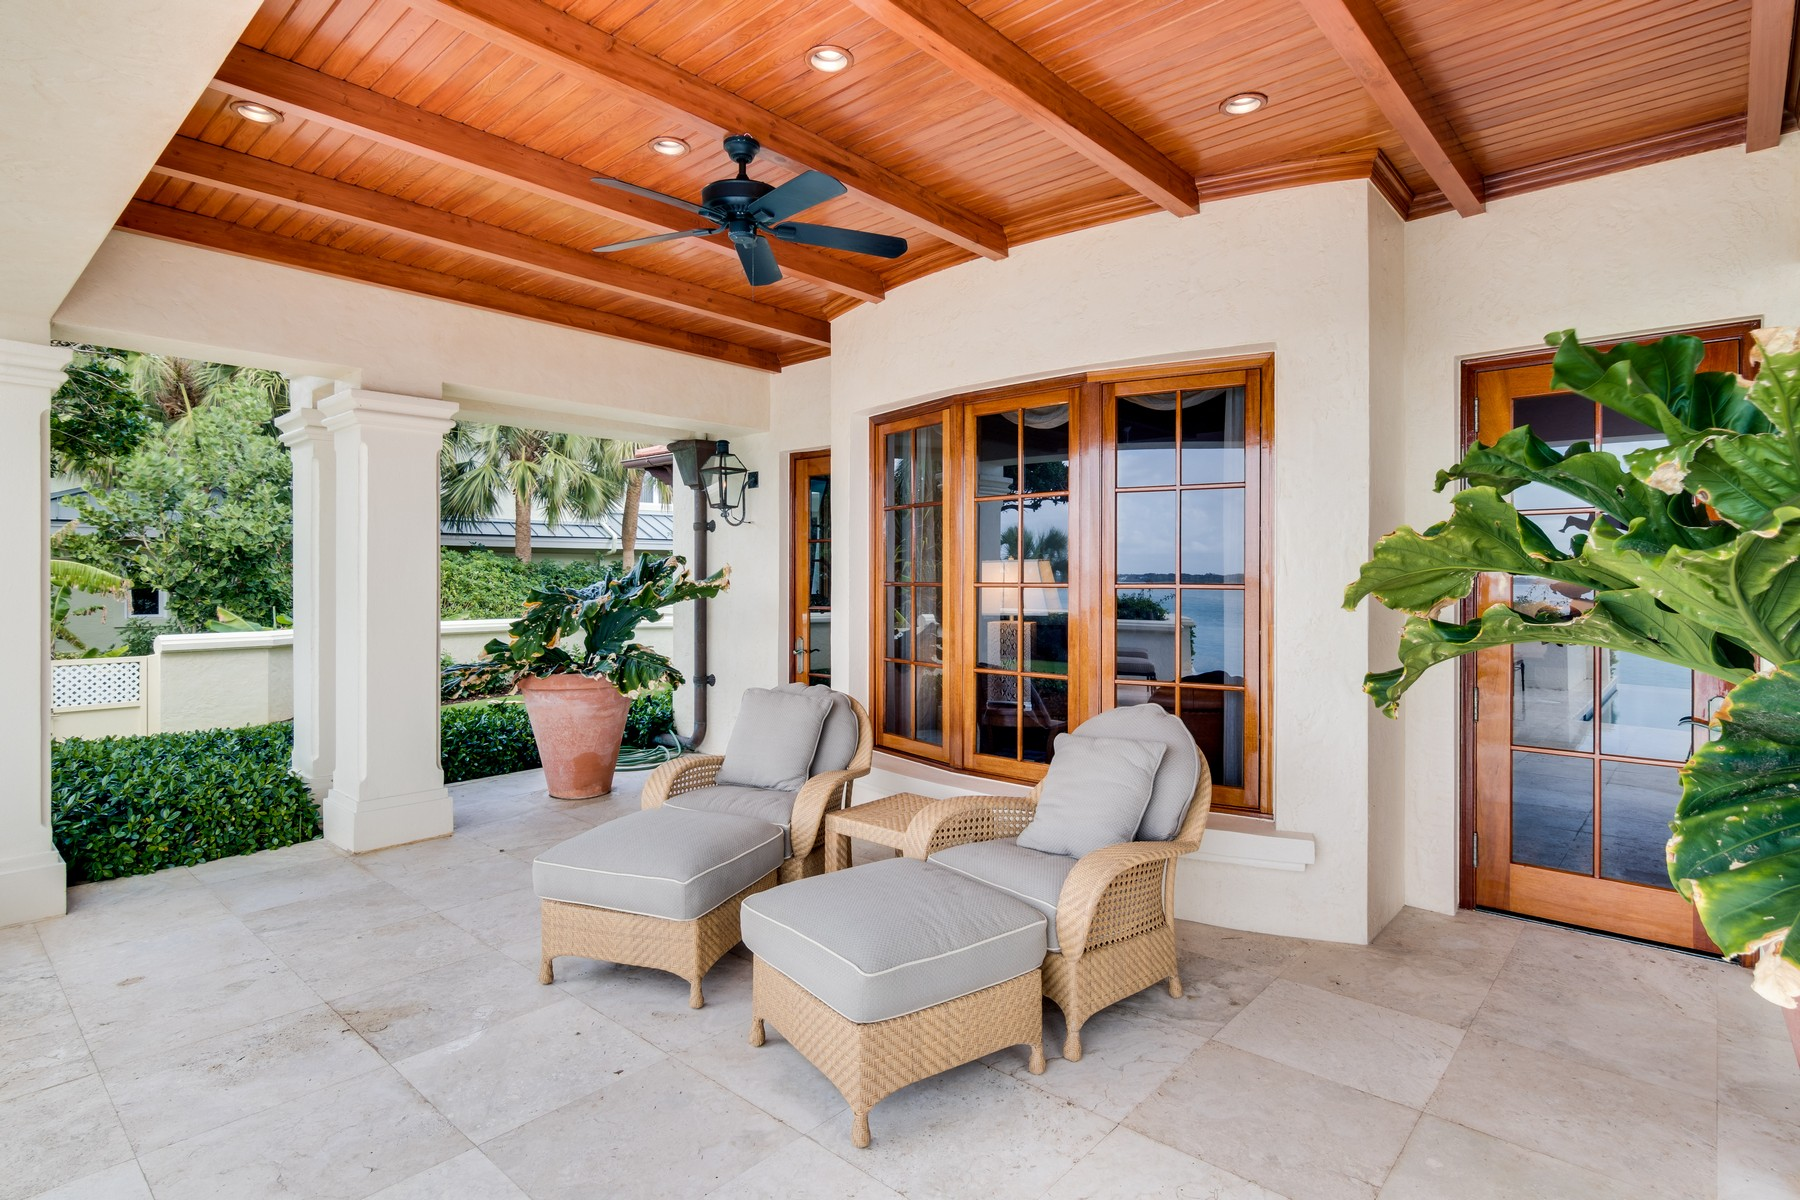 Additional photo for property listing at 7014 SE Harbor Circle  Stuart, Florida 34996 United States